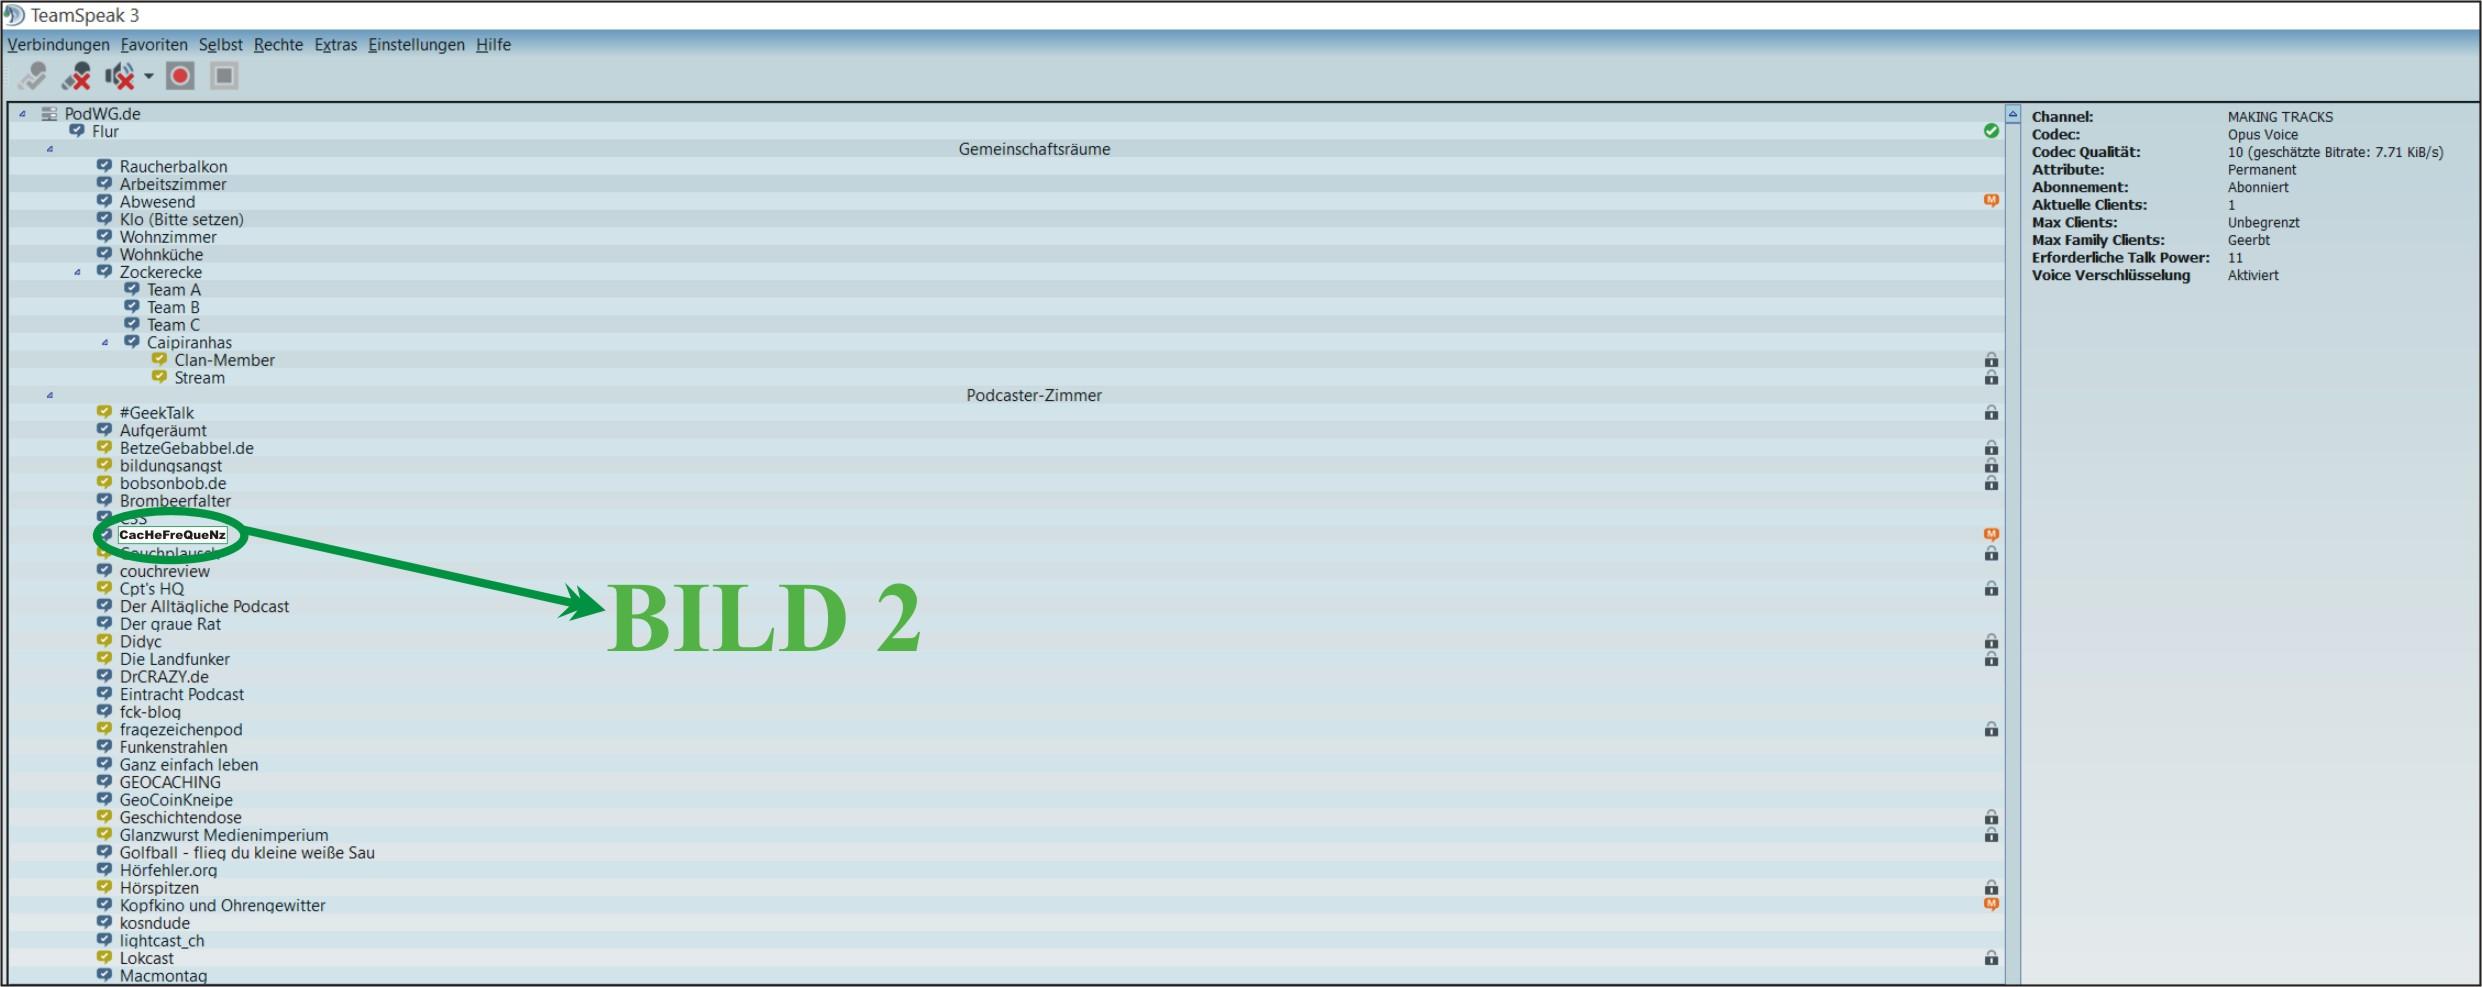 CF-BILD-2